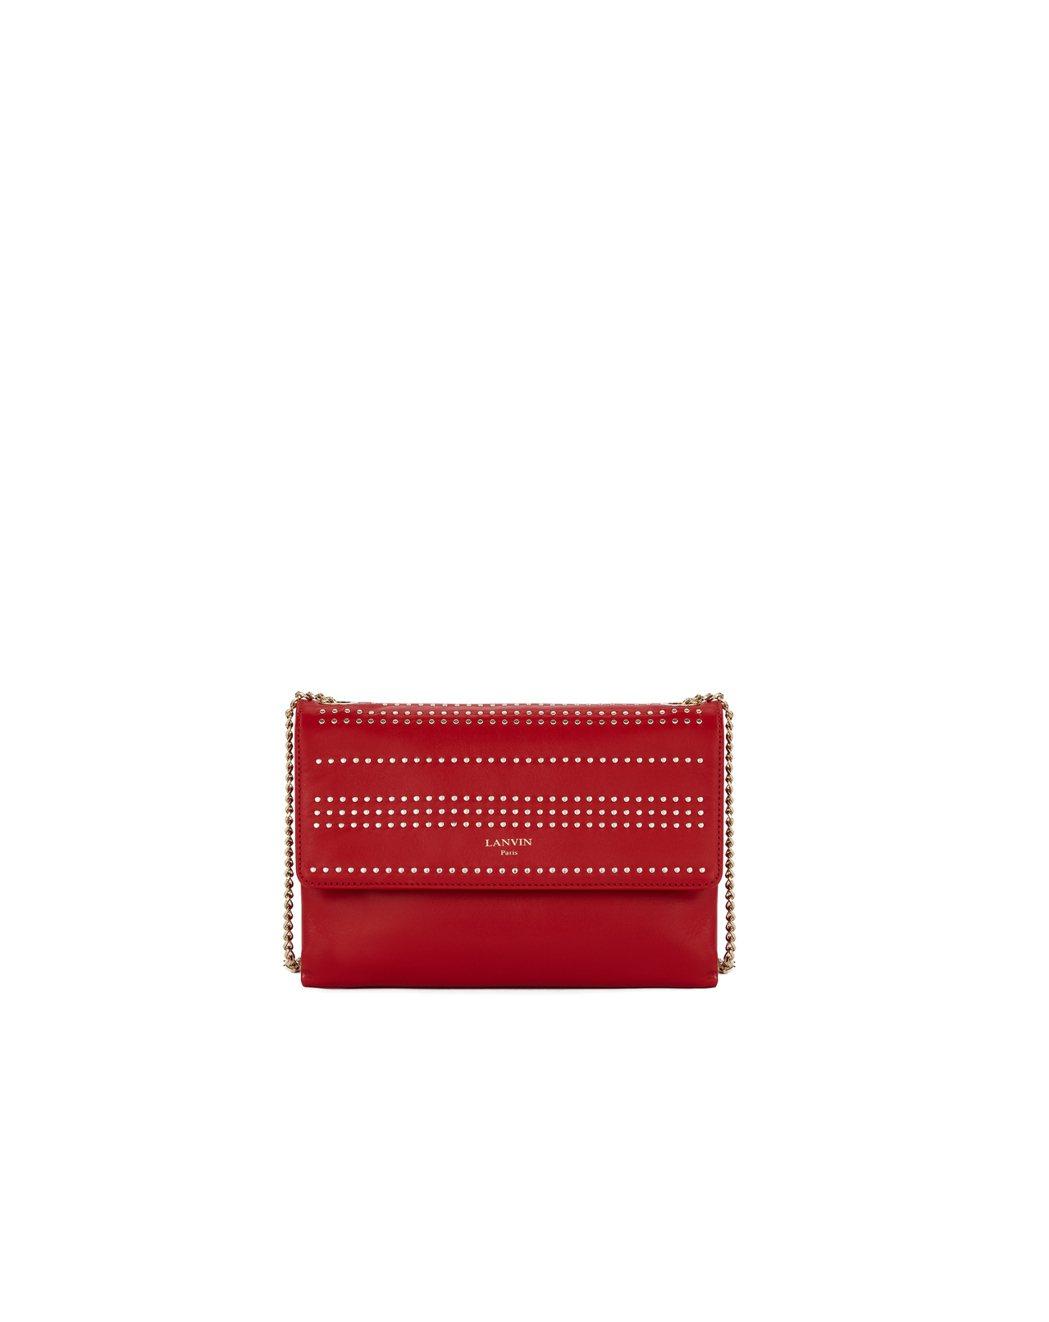 LANVIN Mini Sugar寶石紅,58,100元。圖/LANVIN提供